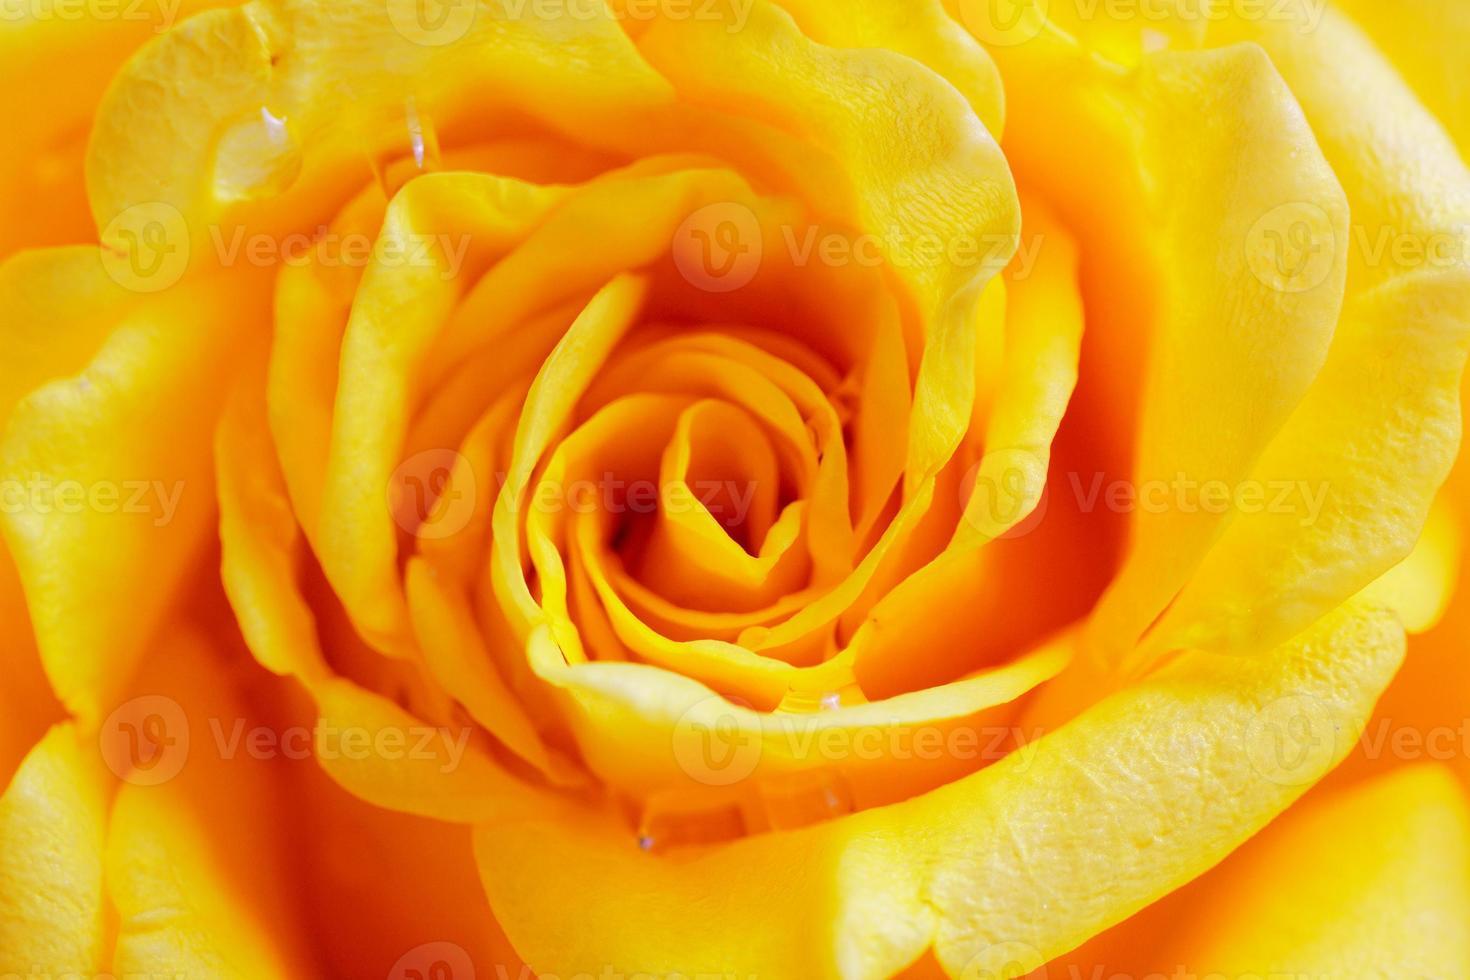 Beige rose close up photo